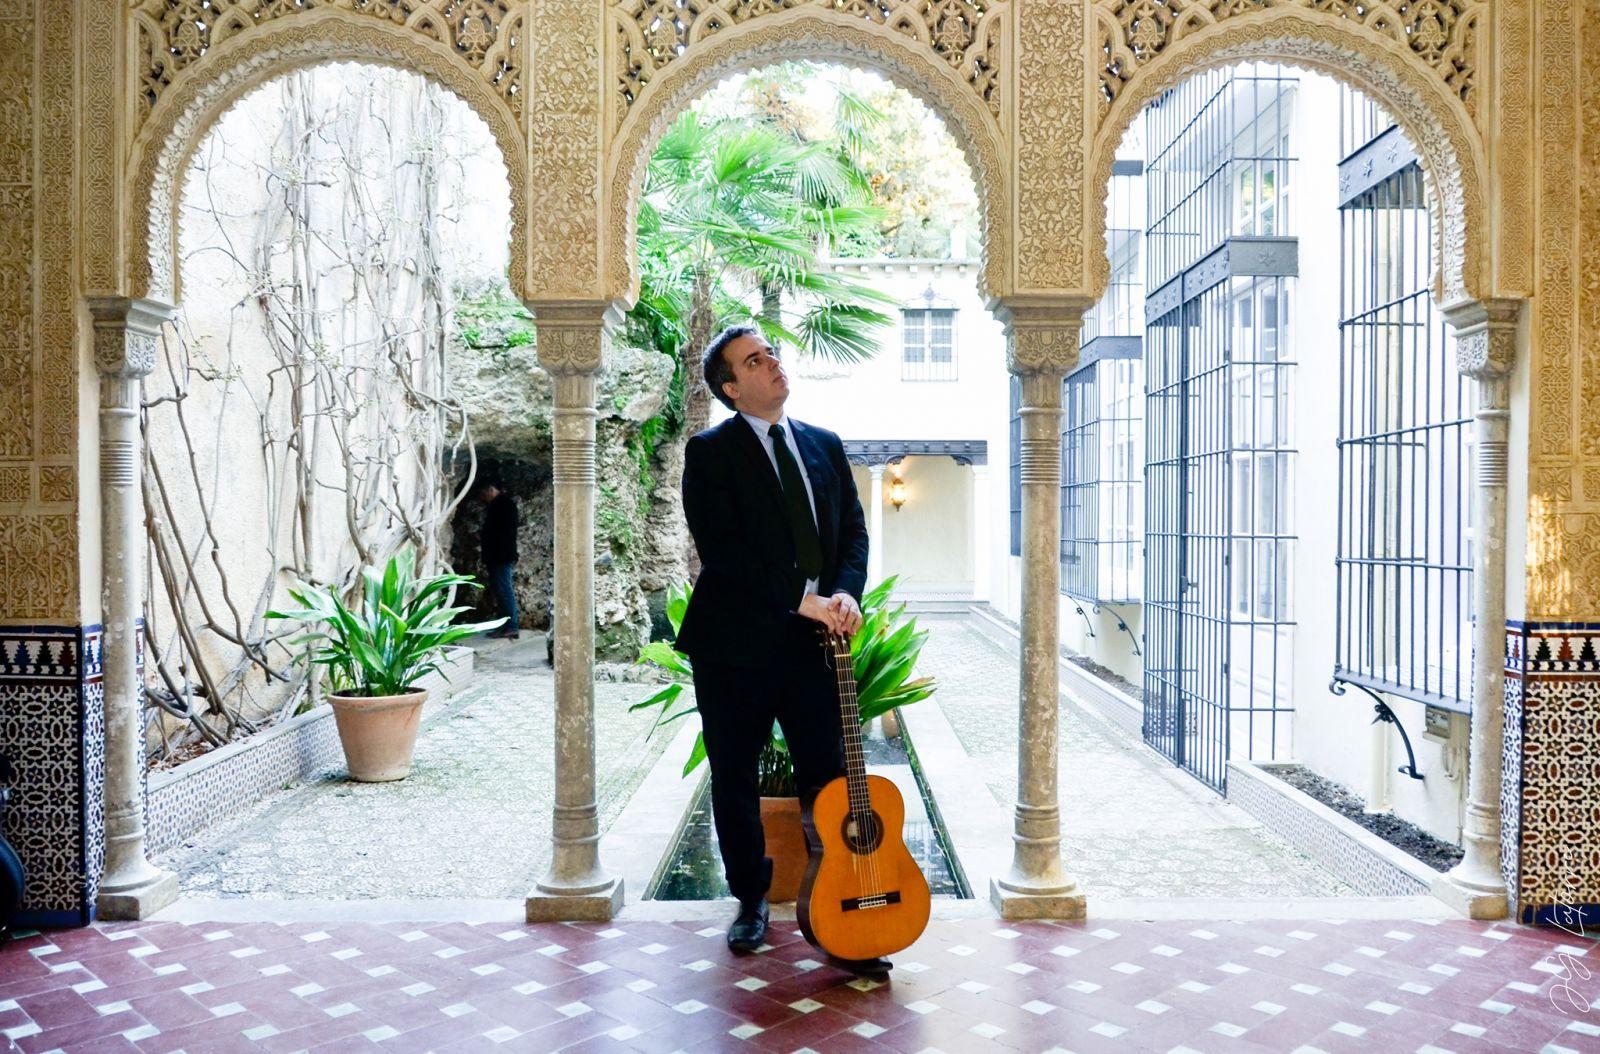 Coronavírus impõe silêncio desolador nas ruas de Granada - violonista Marcus Toscano